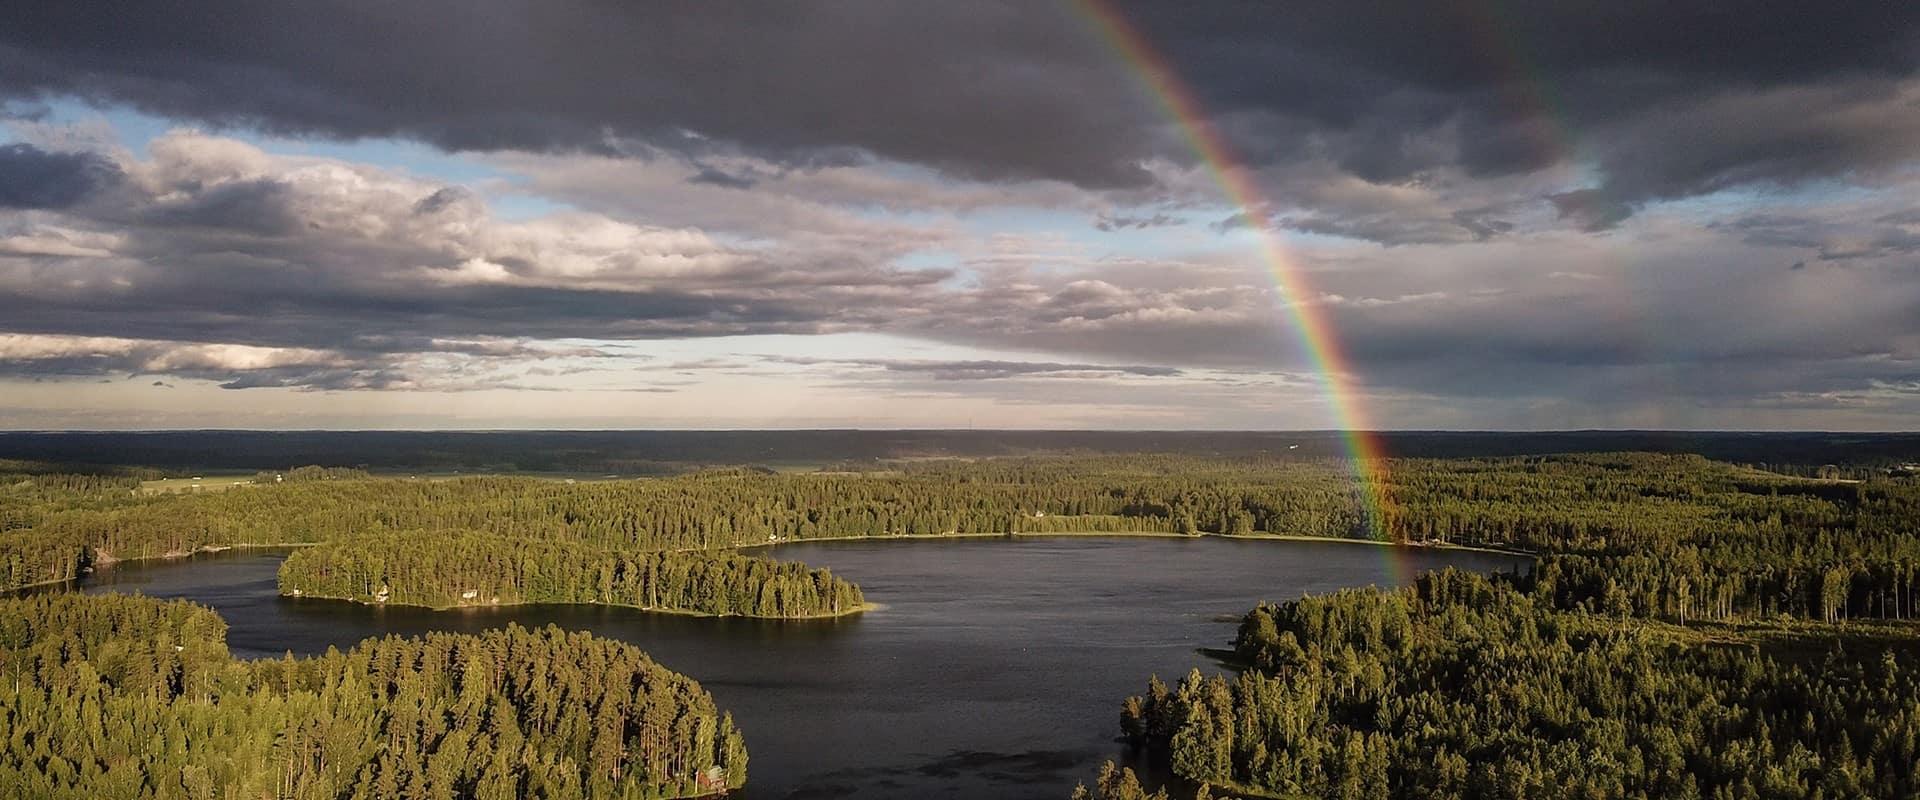 Hausjärvi sateenkaari, rainbow